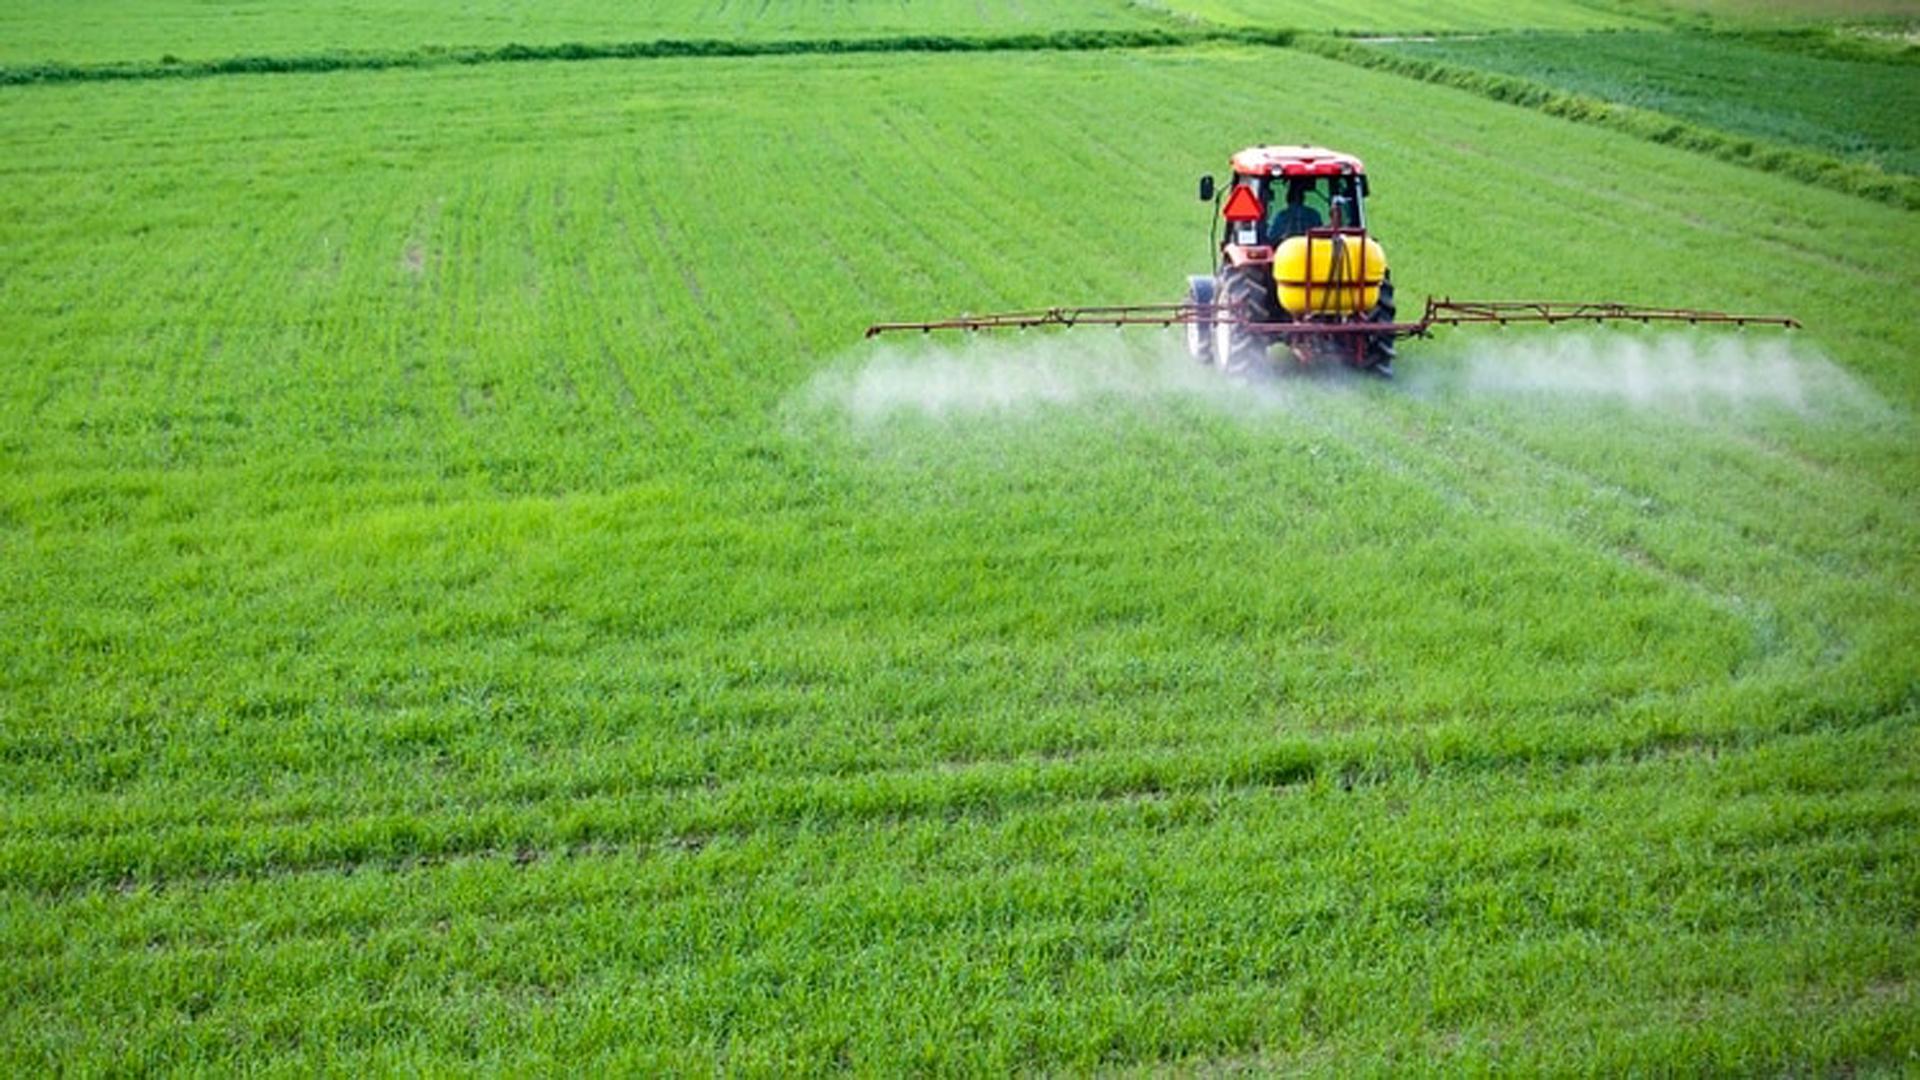 El consumo de fertilizantes creció un 4% en la última campaña, lo que consolida su uso.